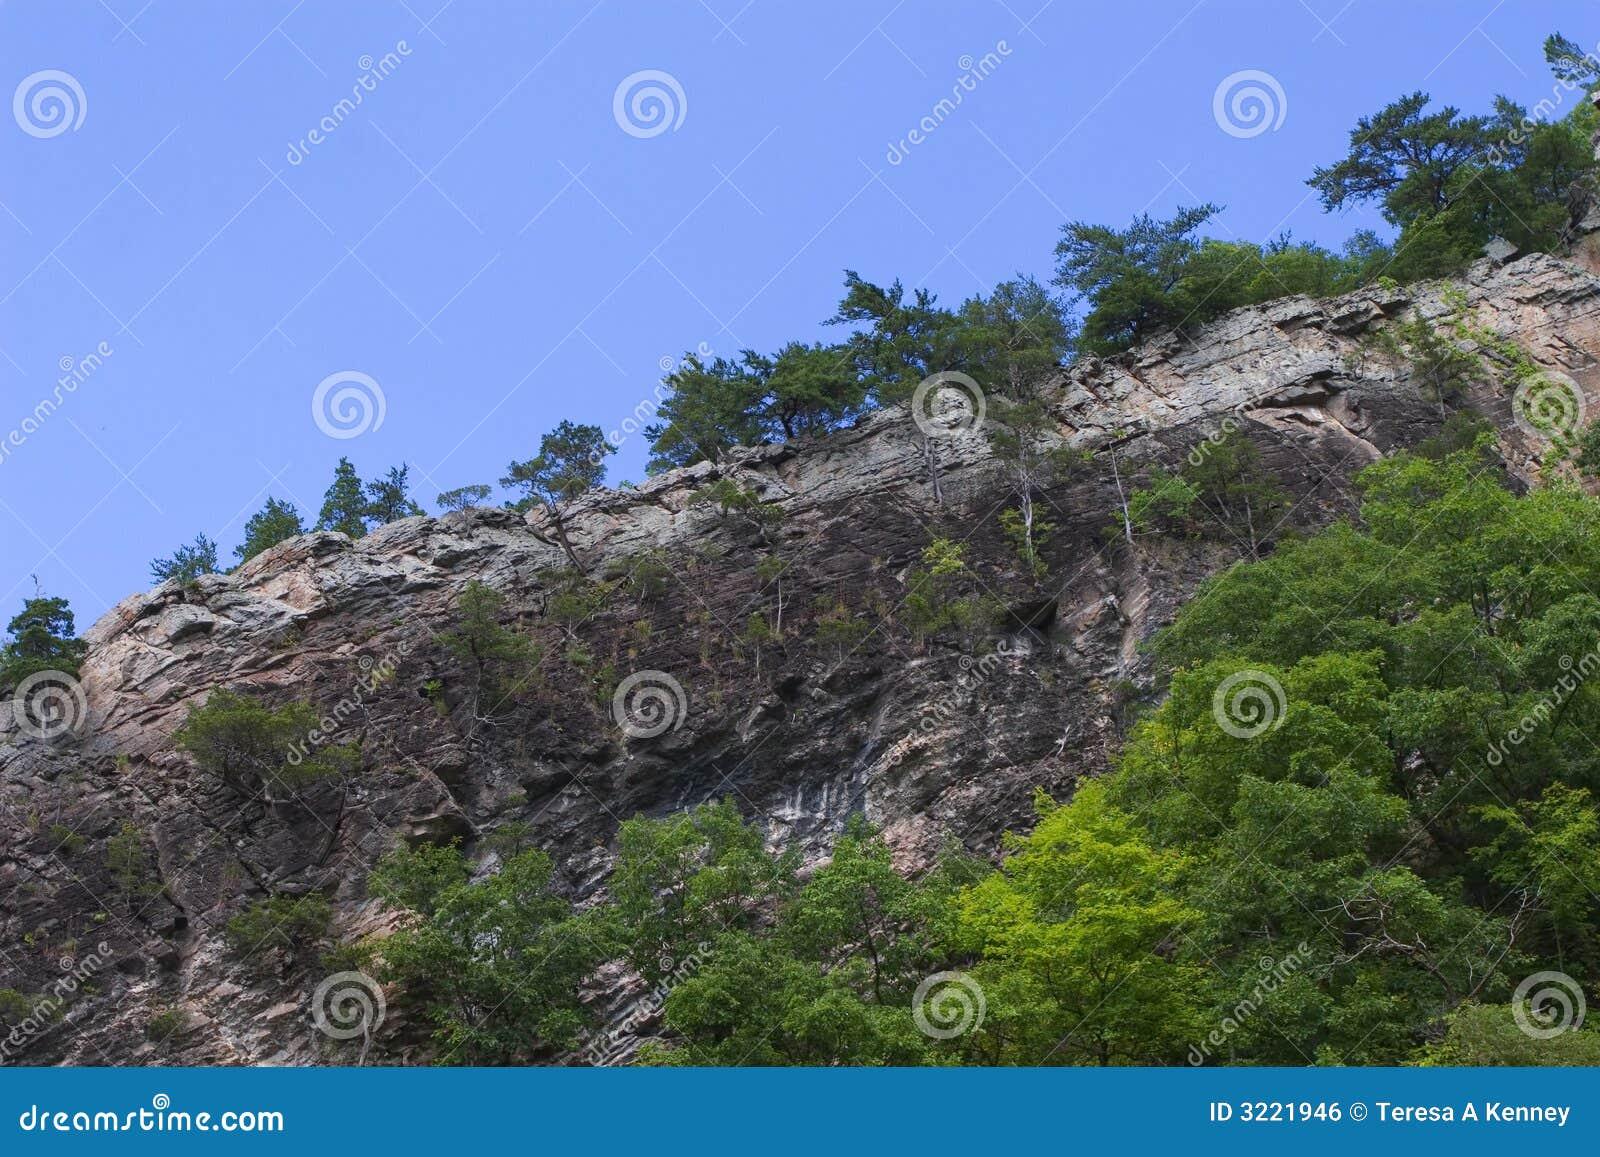 山土坎岩石